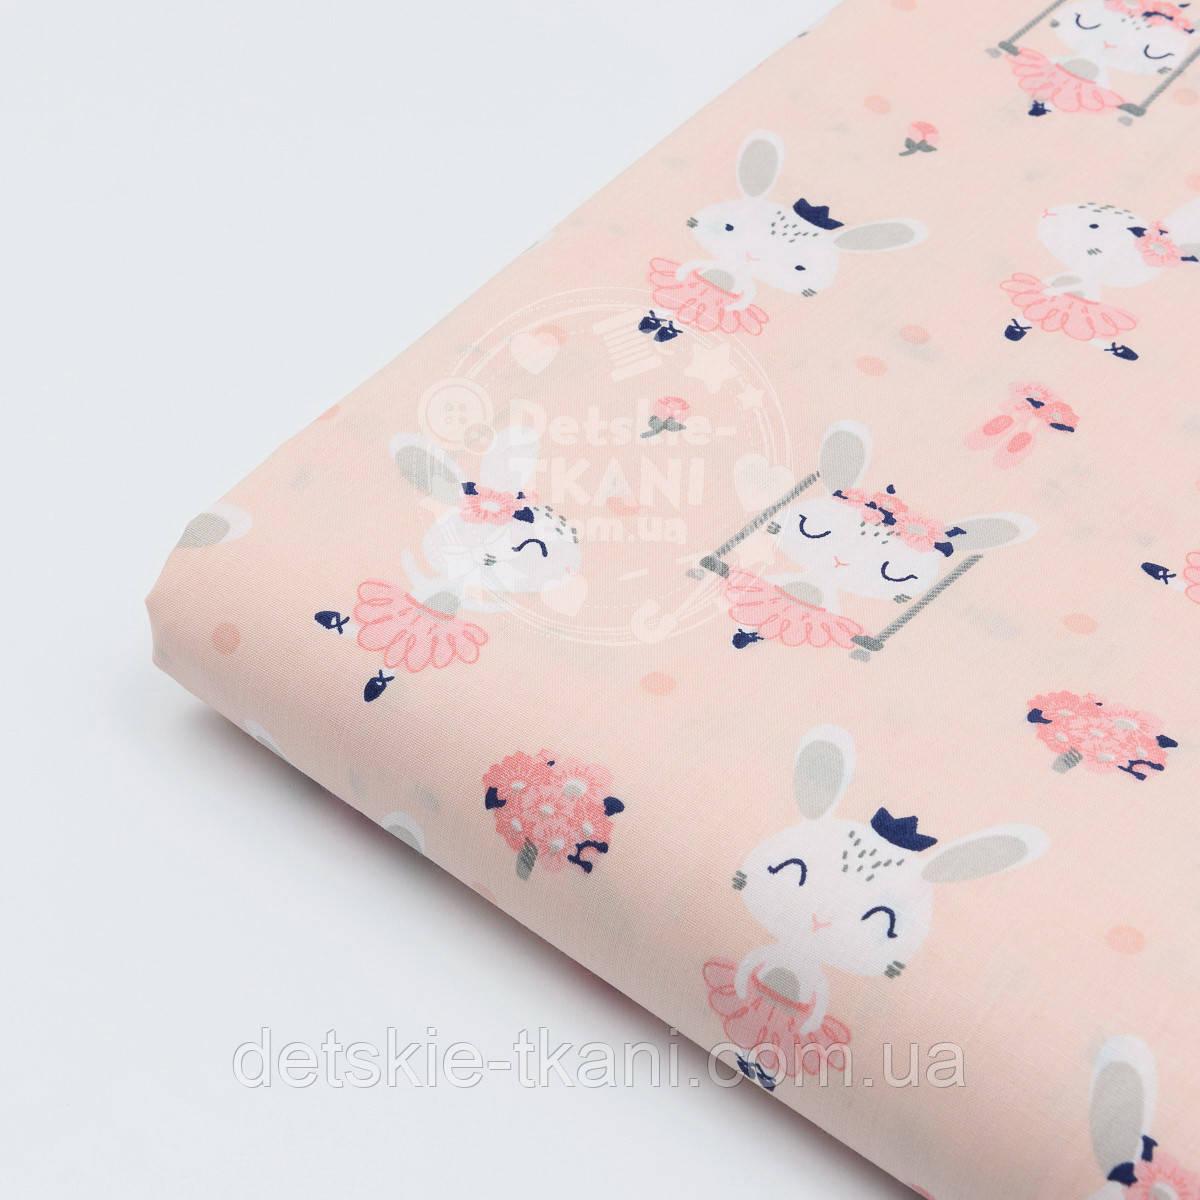 """Лоскут ткани """"Кролики на качелях"""" на светло-розовом фоне, №1520а, размер 25*80 см"""